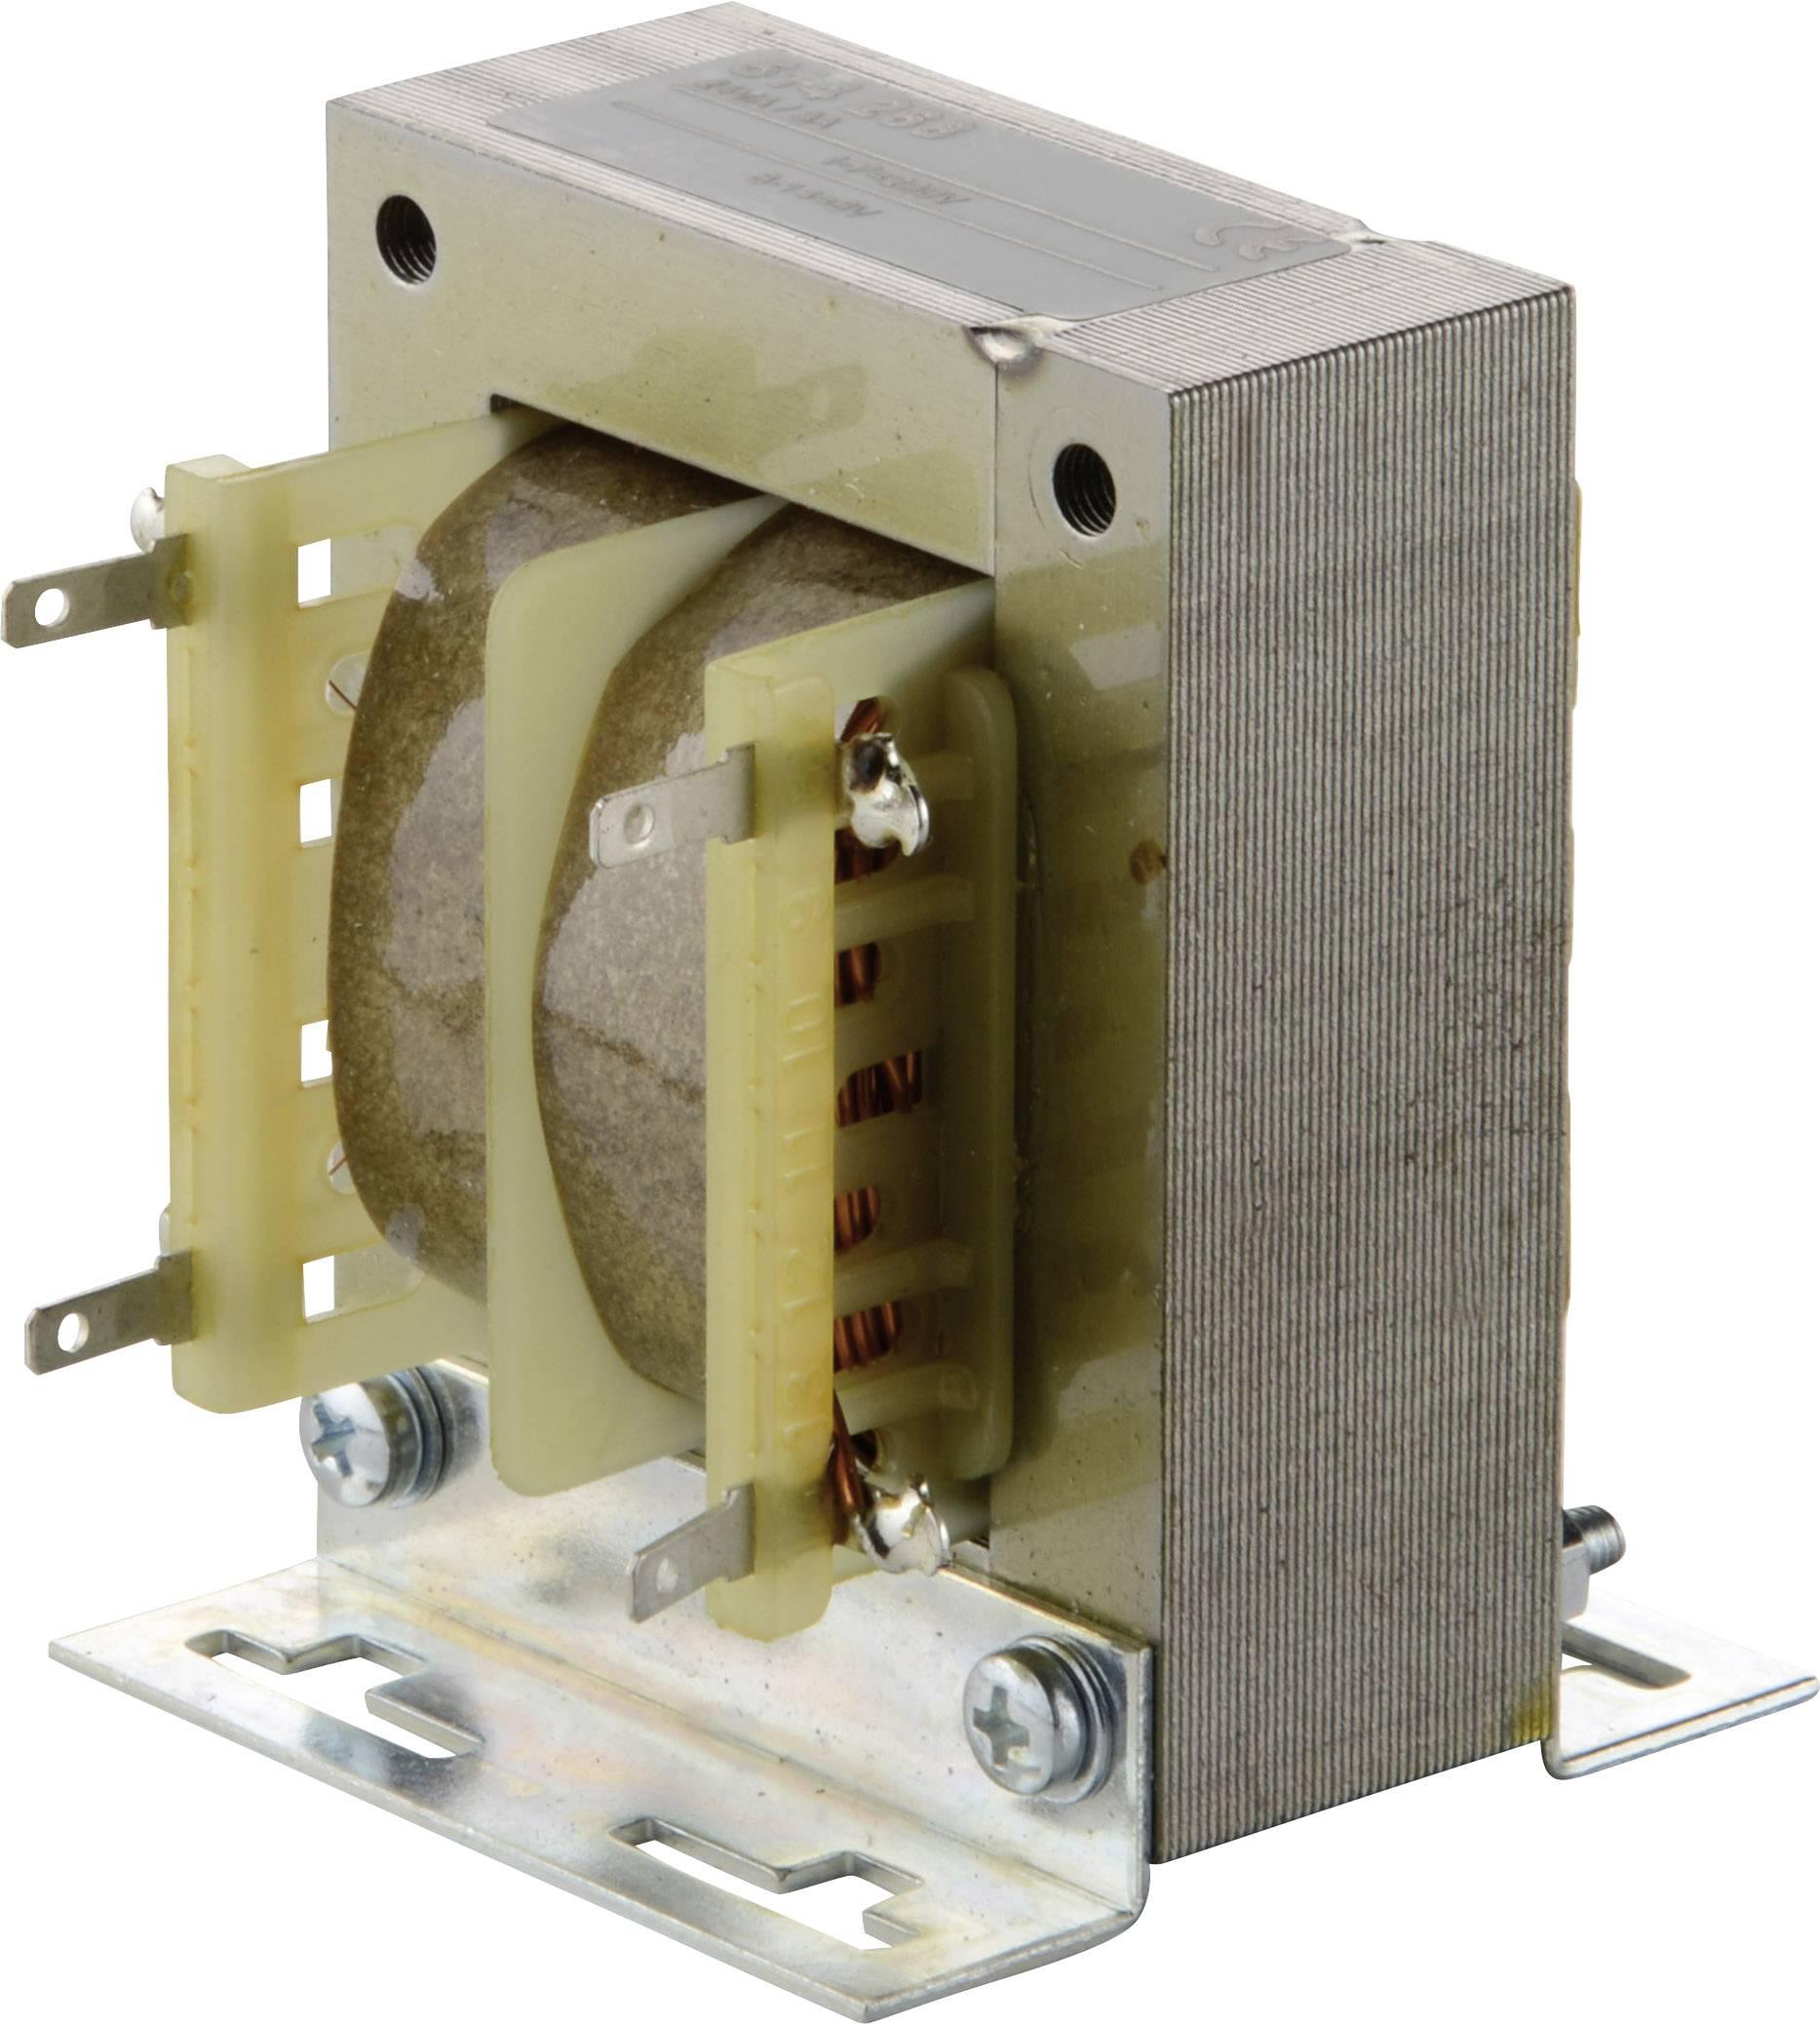 Univerzálny transformátor elma TT IZ 56, 22.5 VA